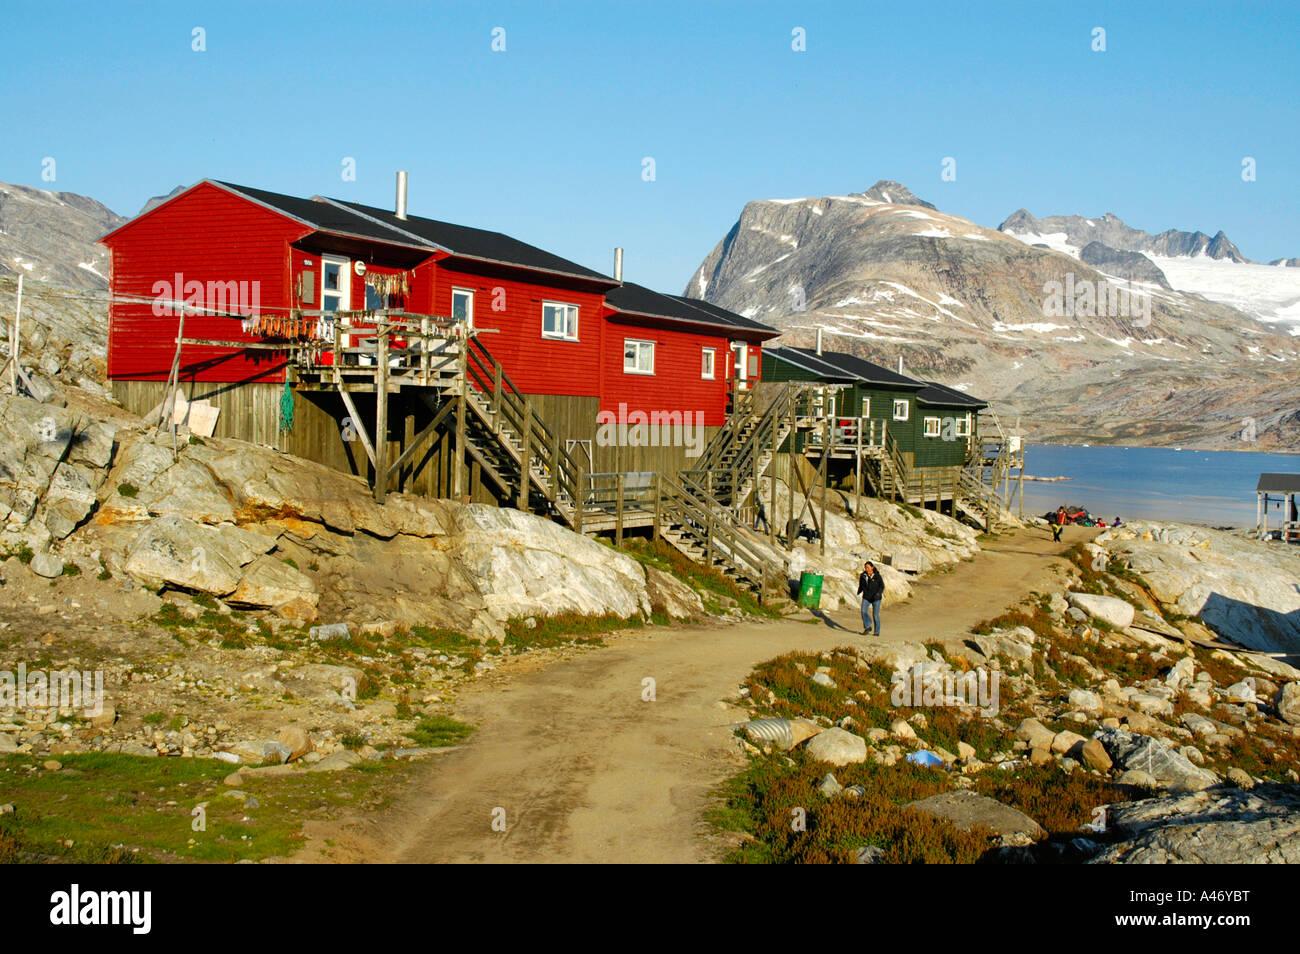 Bunte Häuser aus Holz gebaut auf Fels Fjord Berge und Gletscher im Hintergrund Tiniteqilaaq Eastgreenland Stockbild